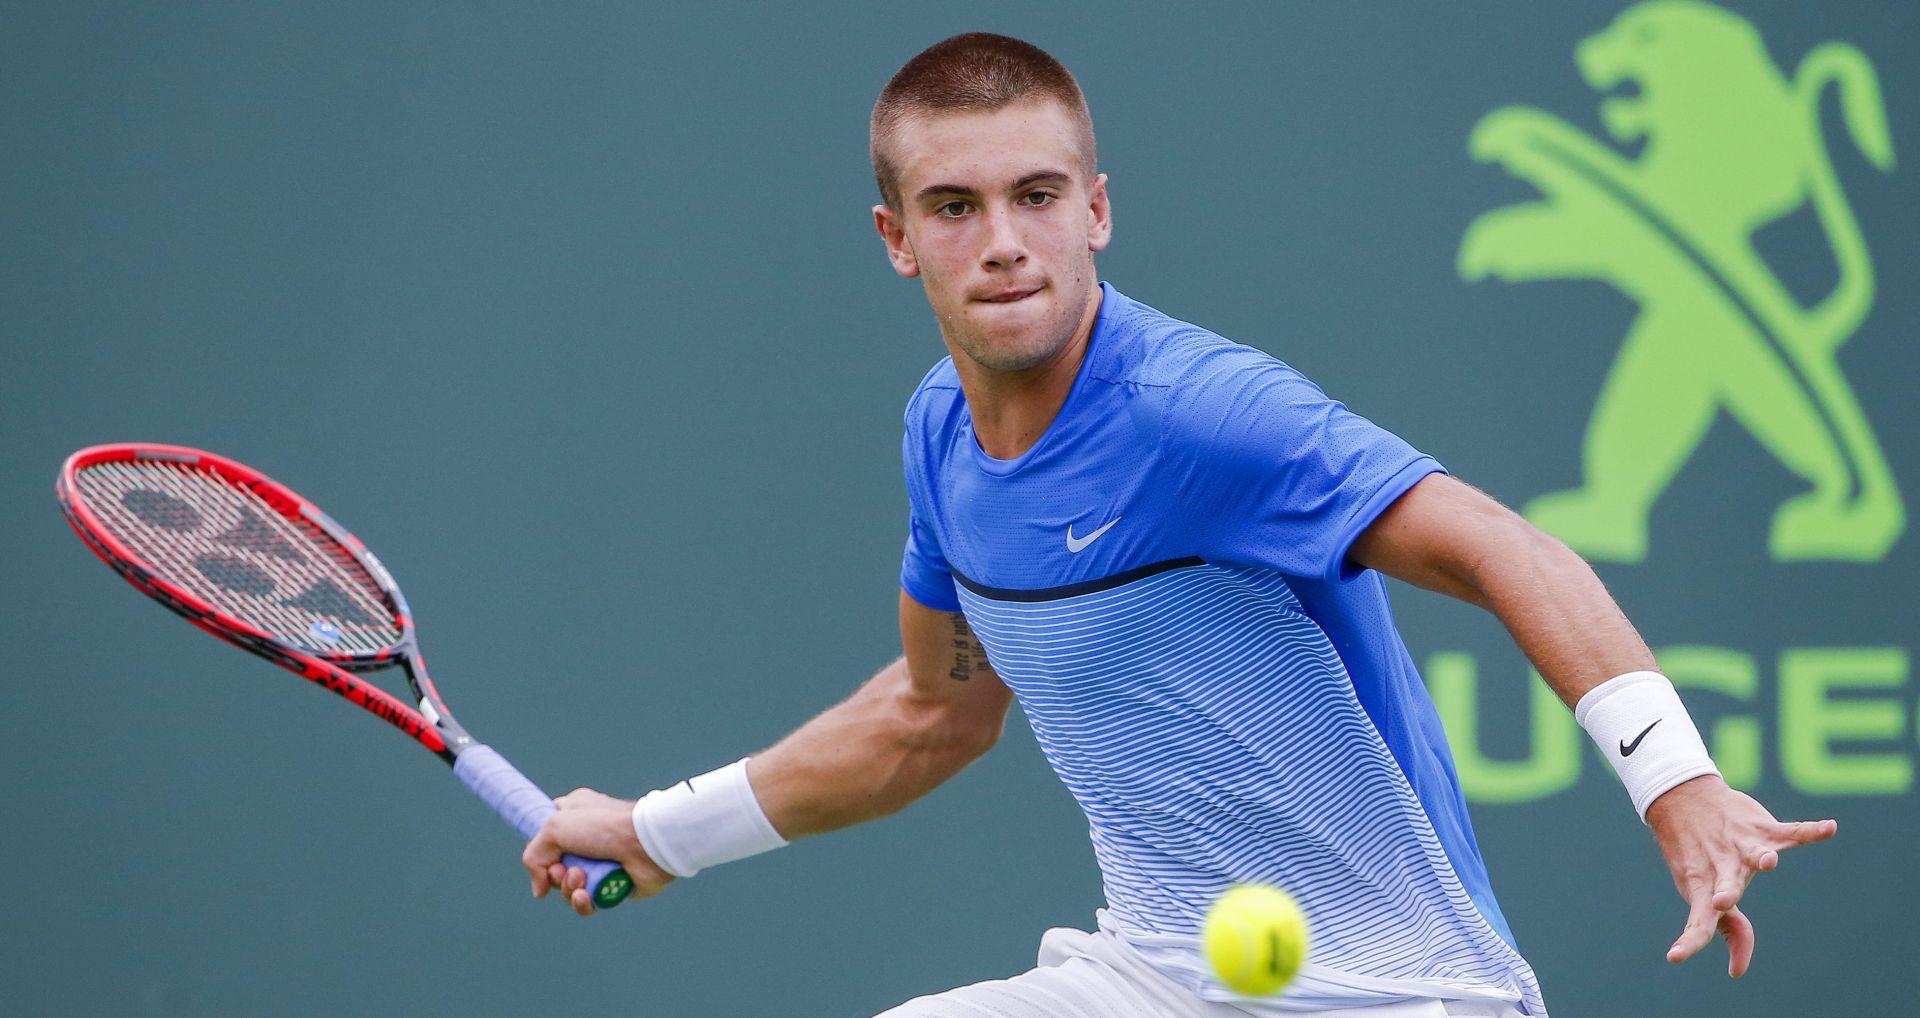 ATP MARAKEŠ Ćorić nakon tri sata borbe izborio polufinale, Pavić i Venus ostali bez finala